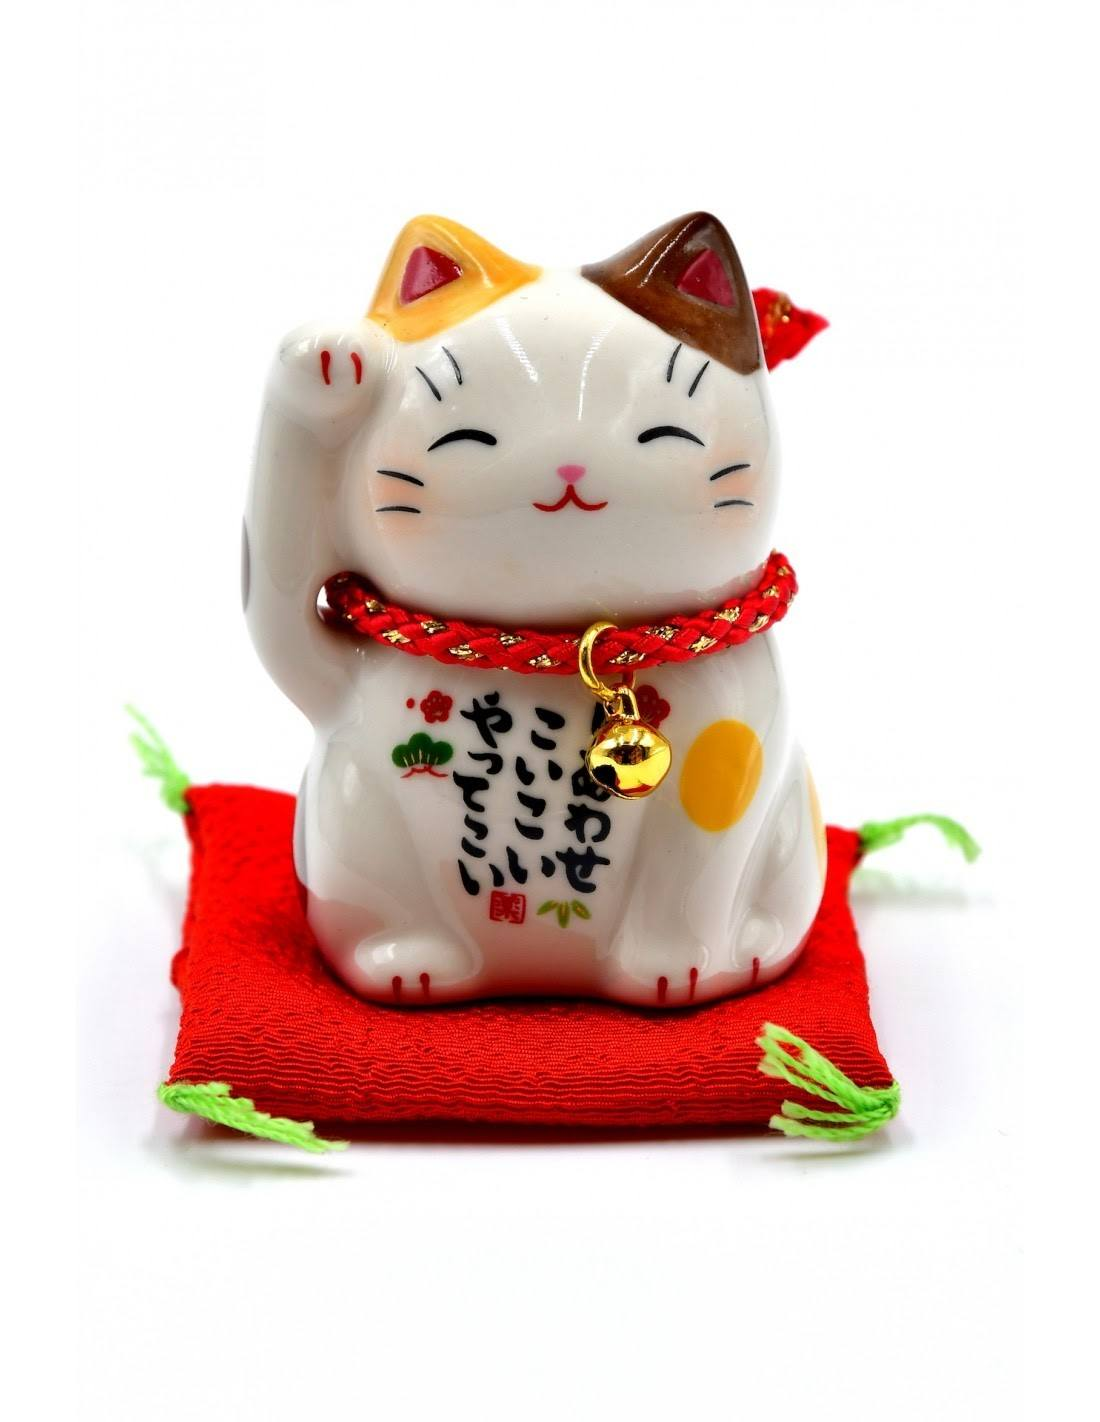 calico cat figurine